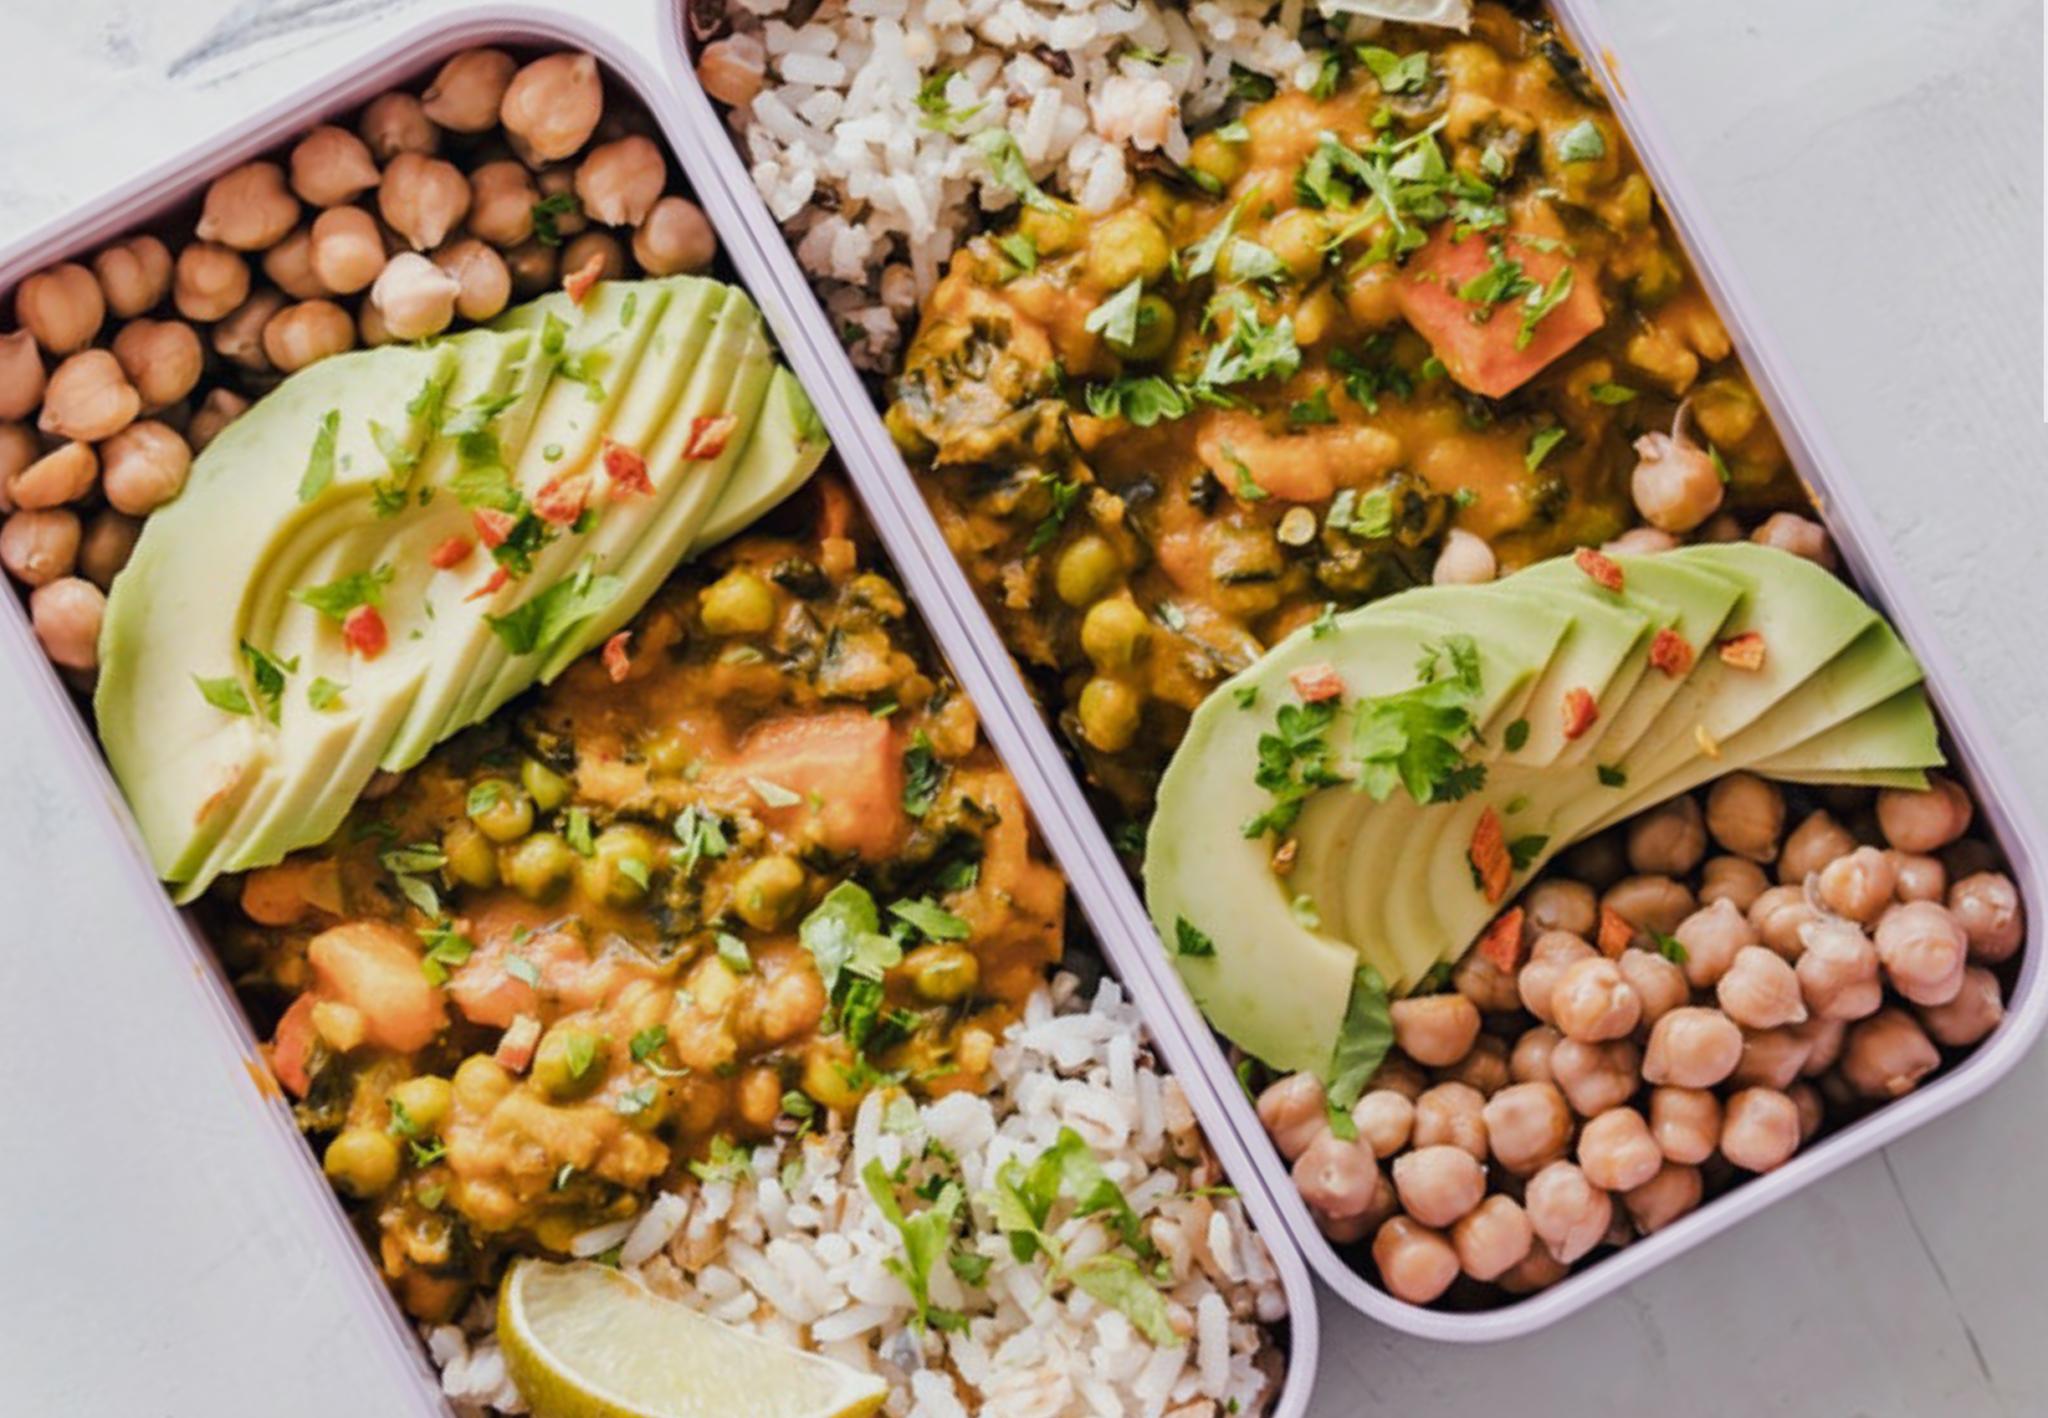 IMG 20191006 125733 1 - Batch cooking o Meal Prep? Cómo cocinar una sola vez para toda la semana (con menú)